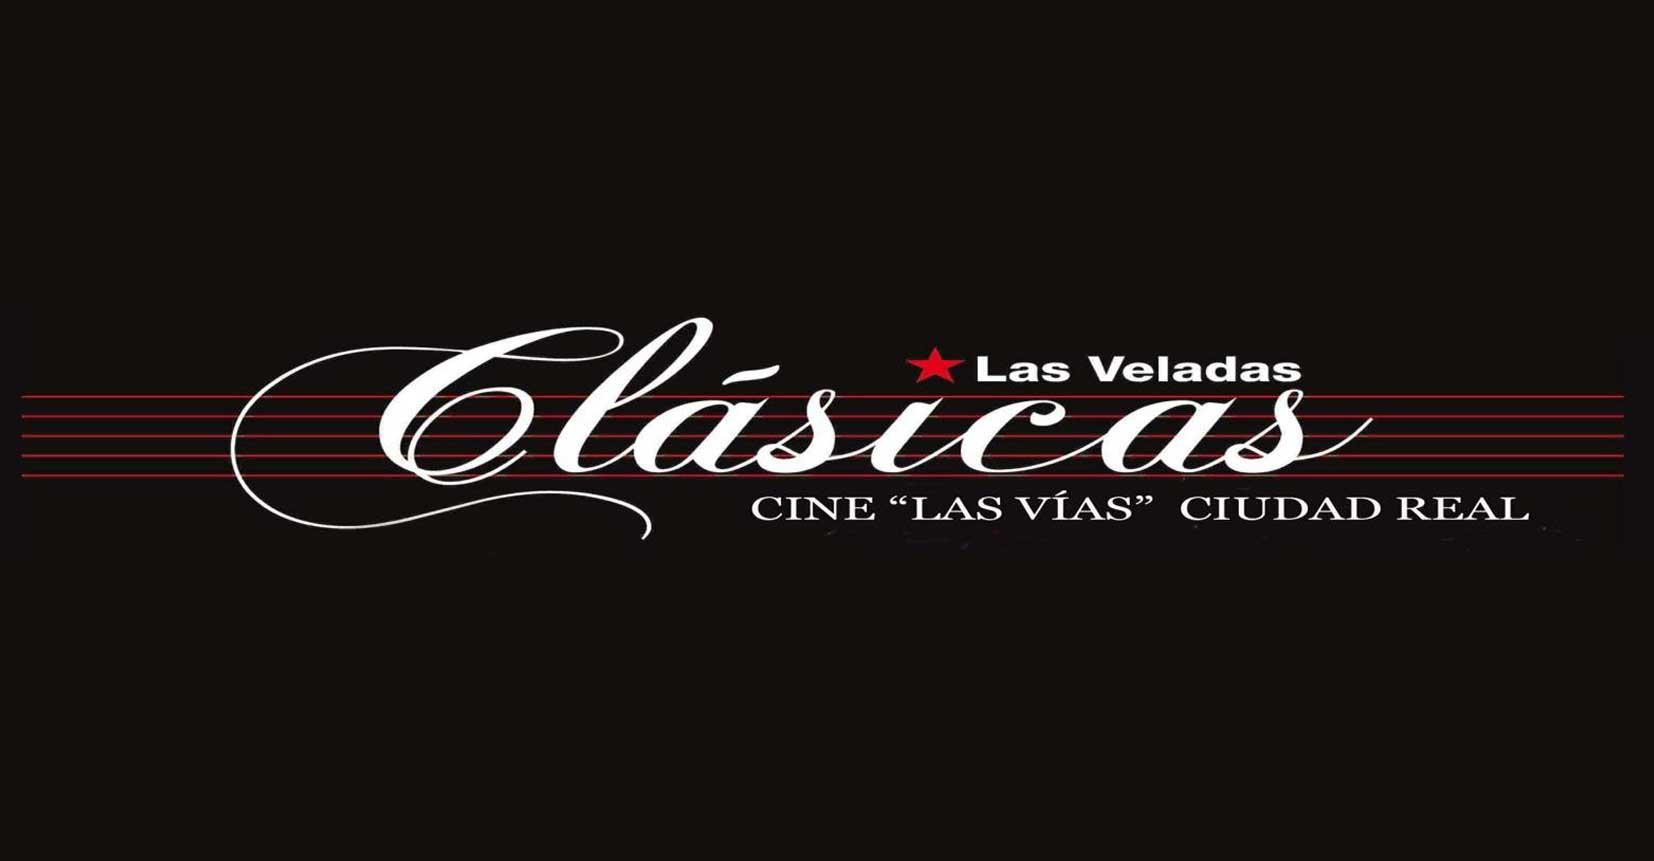 Vuelven las Veladas clásicas a los Cines Las Vías de Ciudad Real